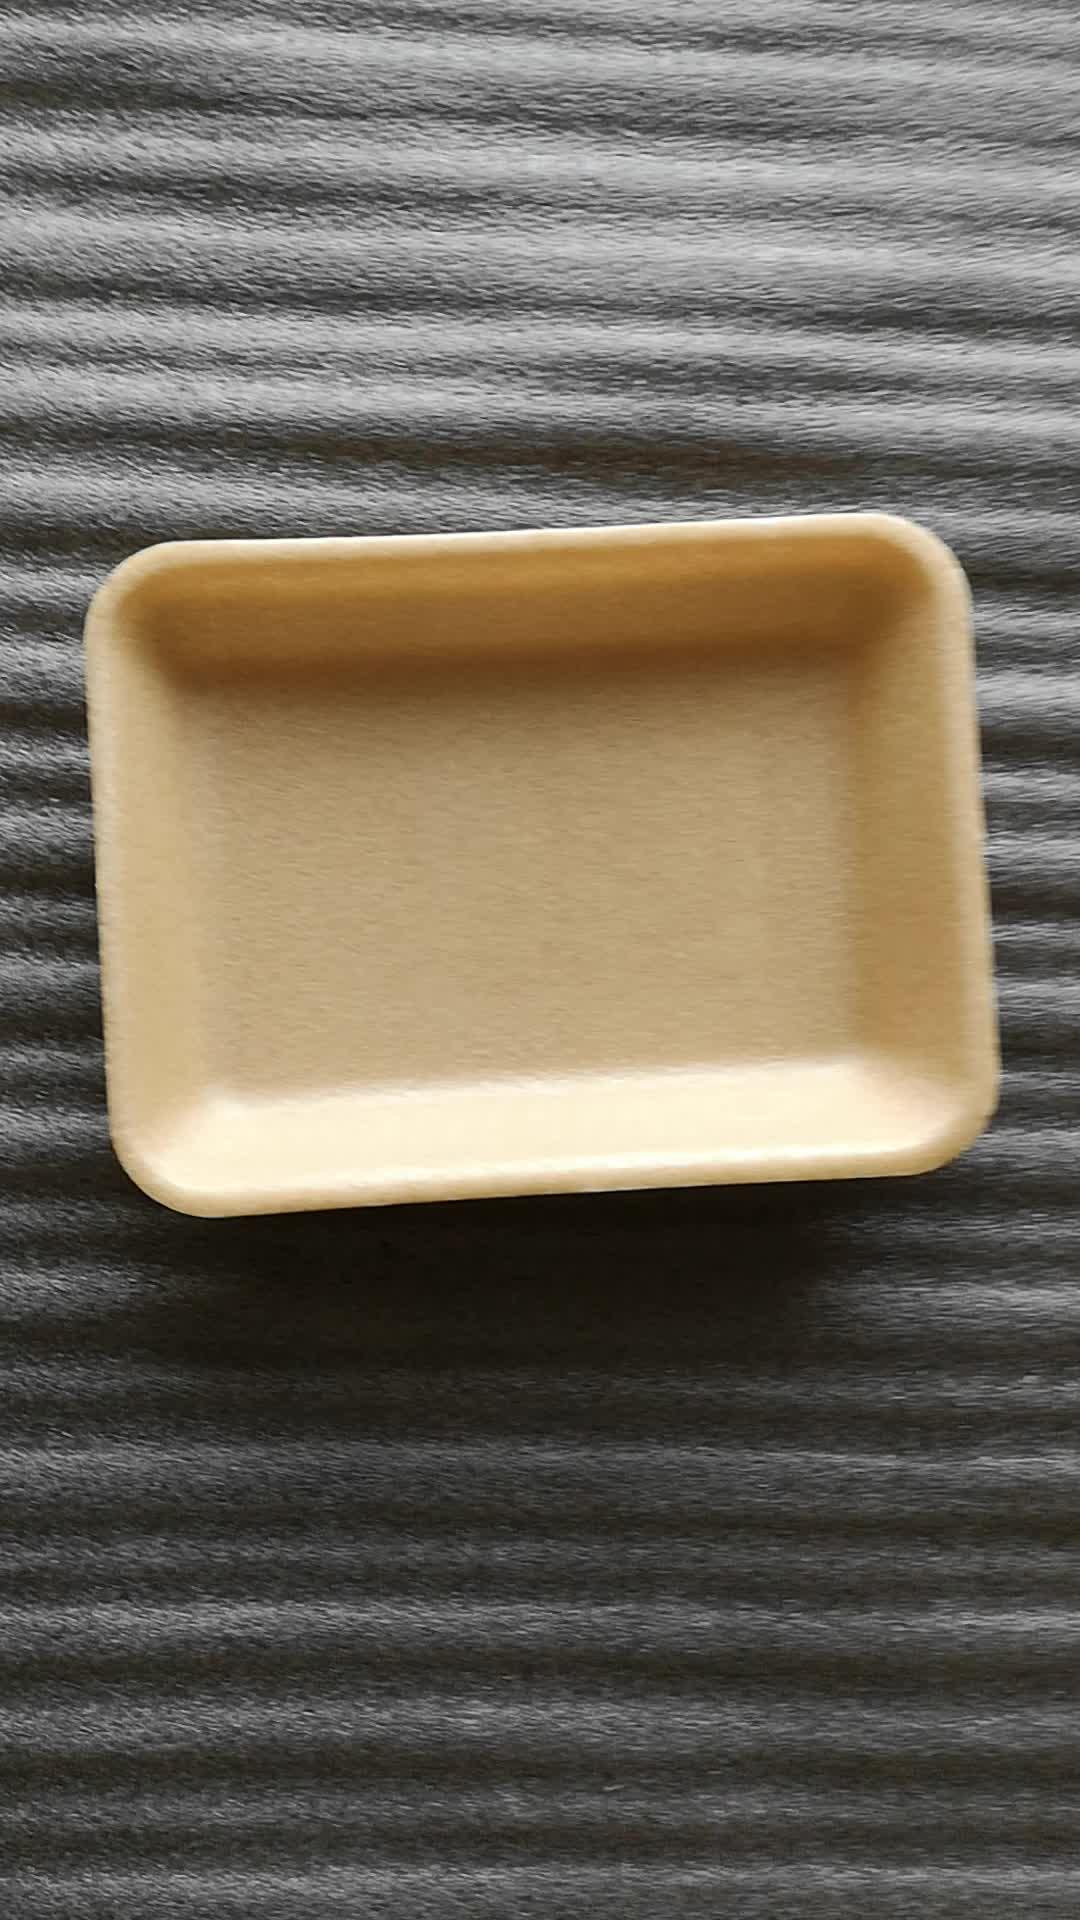 Кукурузный крахмал одноразовые пены биоразлагаемые упаковки для пищевых продуктов лотки